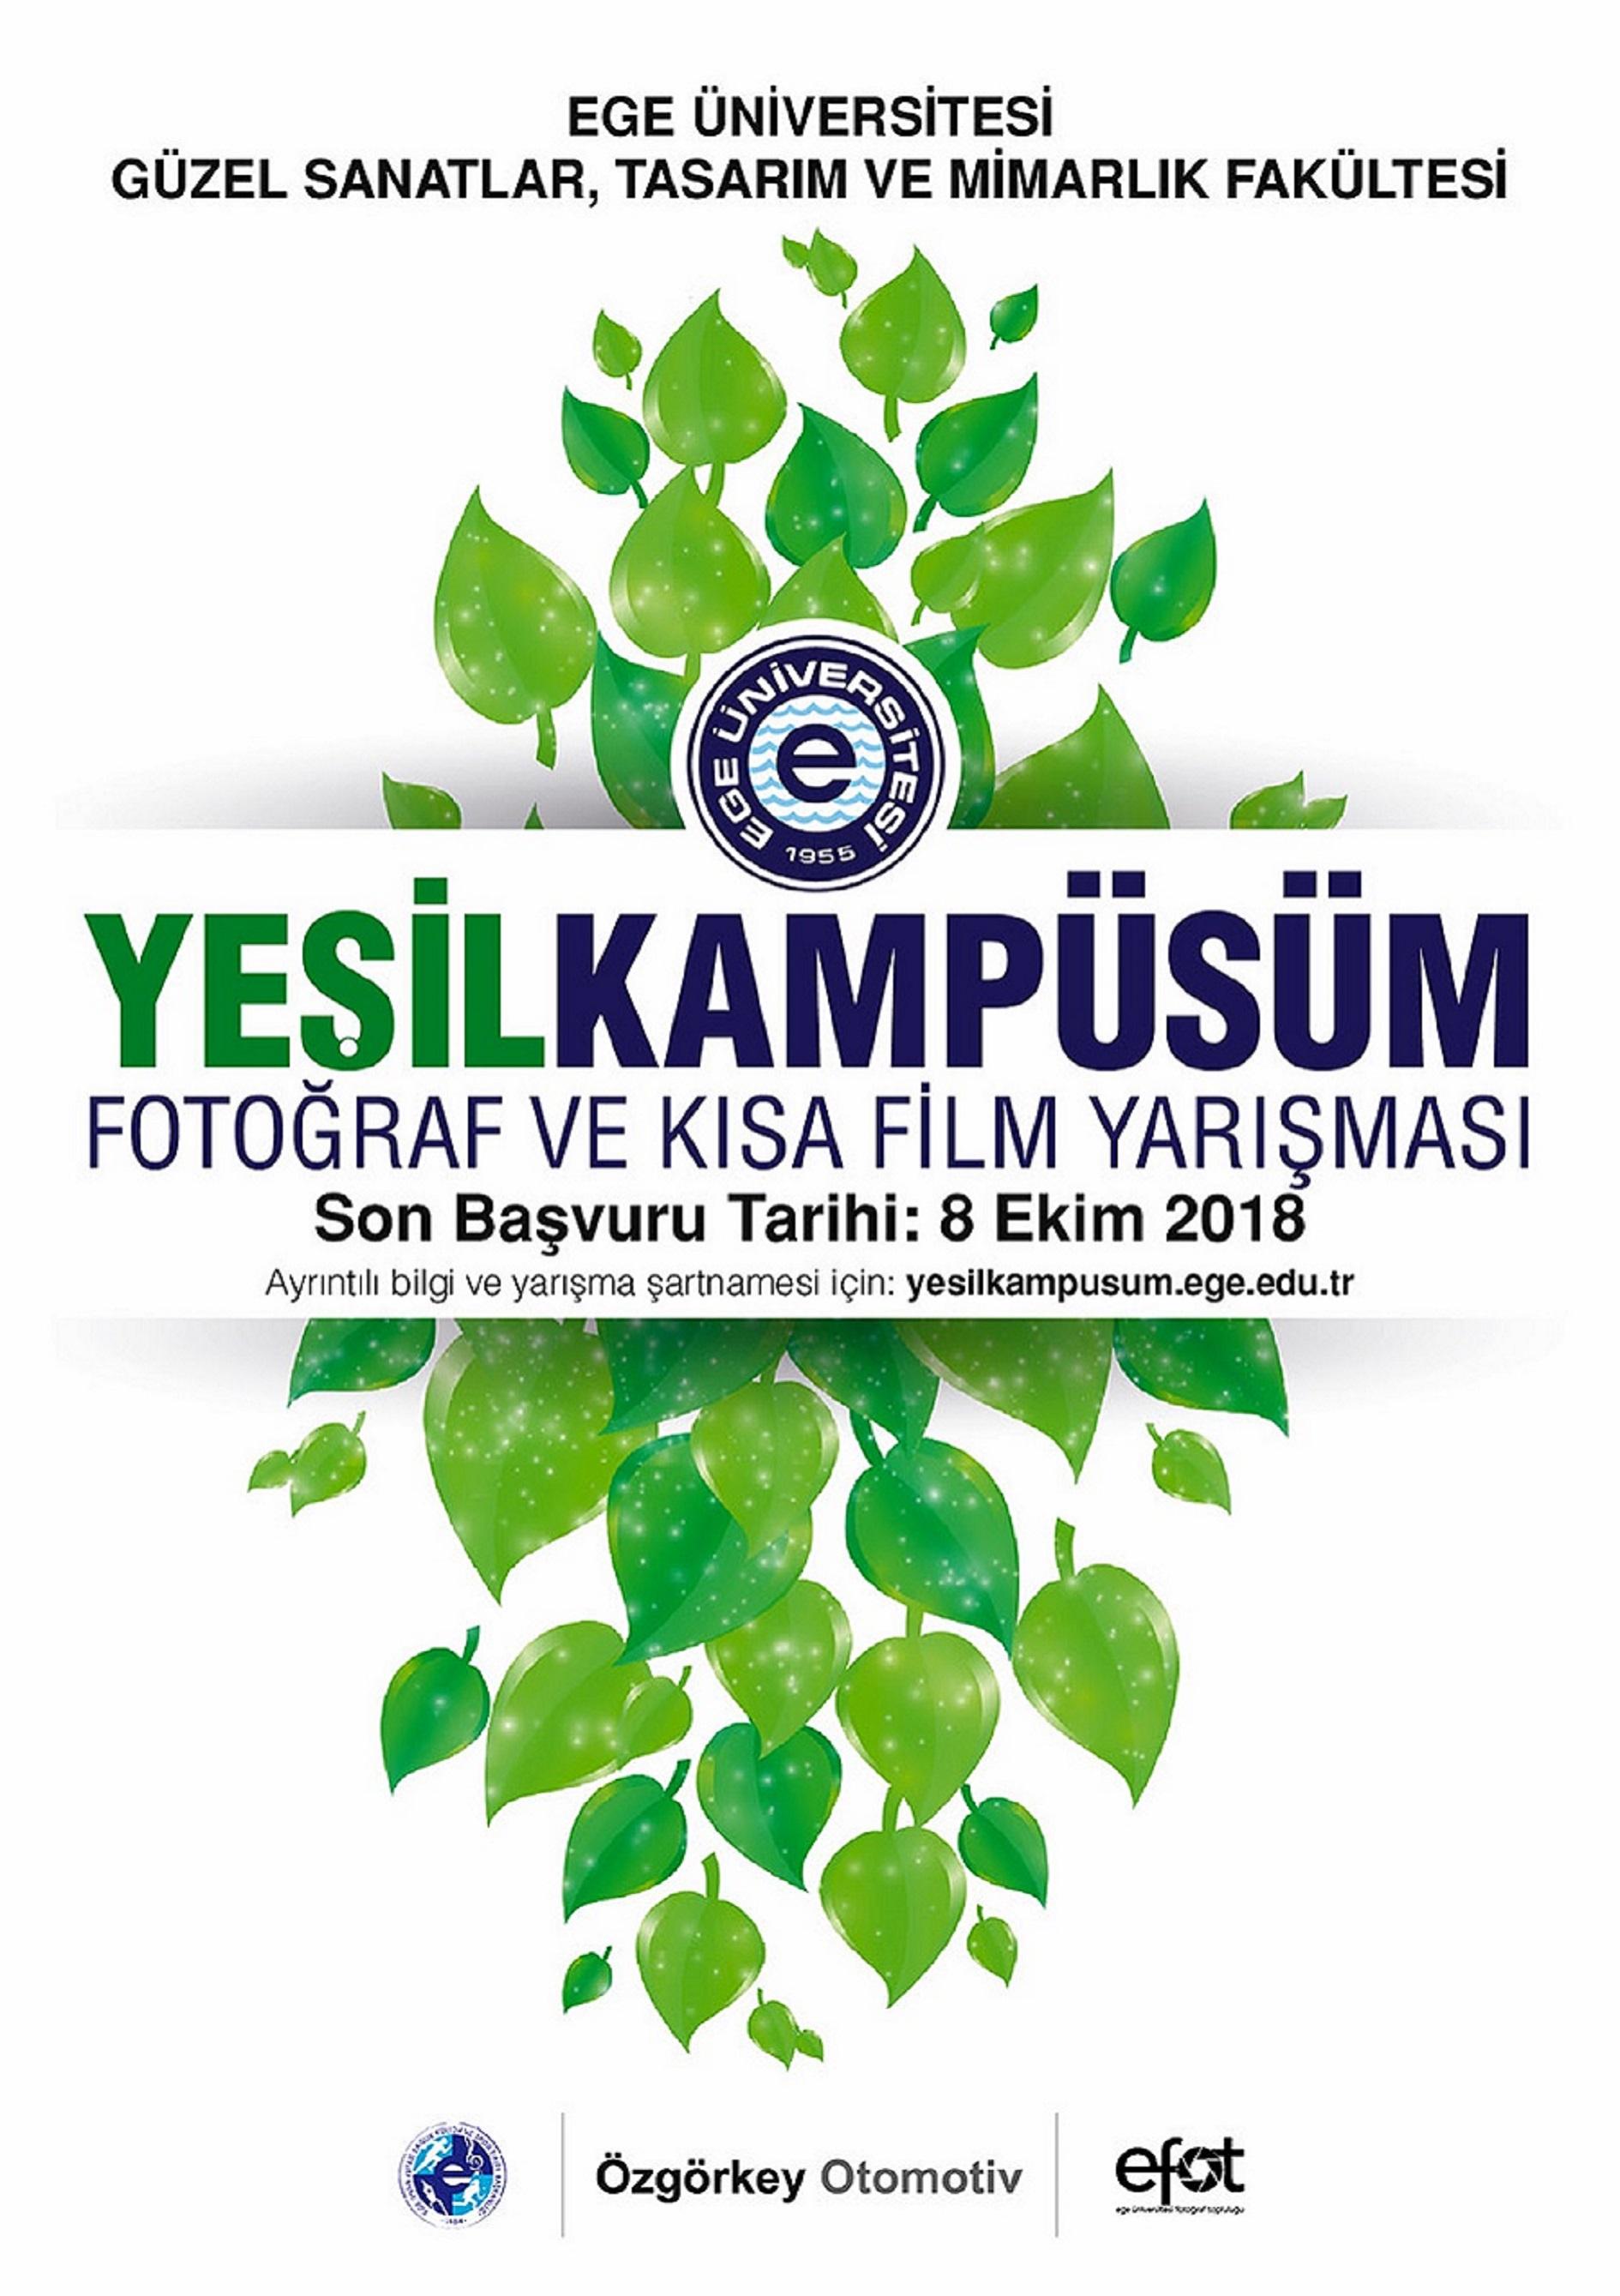 """Ege Üniversitesi """"Yeşil Kampüsüm"""" Fotoğraf ve Kısa Film Yarışması"""